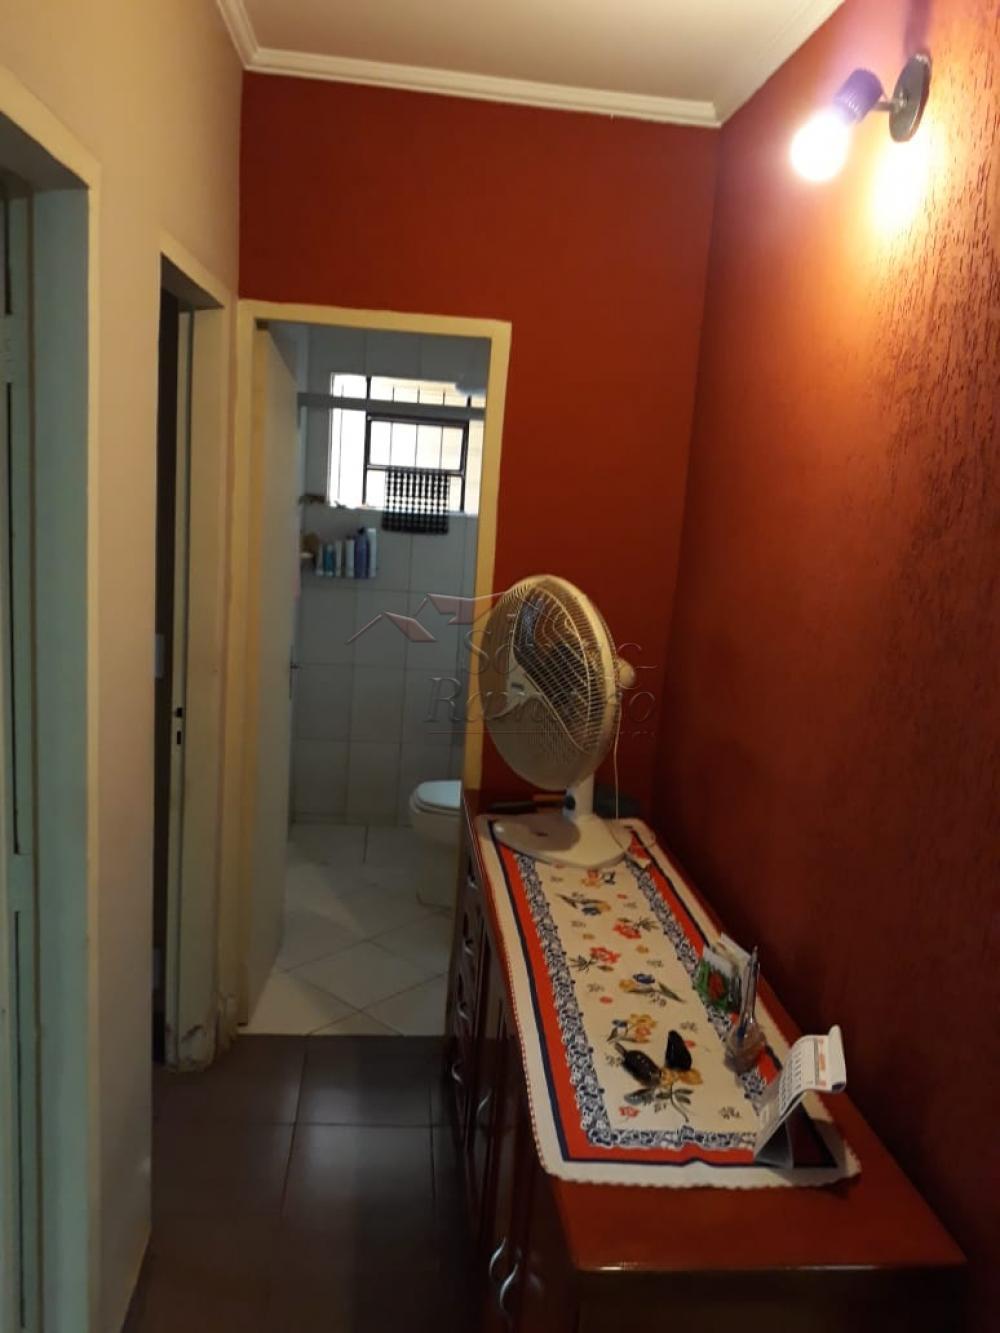 Comprar Casas / Padrão em Ribeirão Preto R$ 350.000,00 - Foto 9